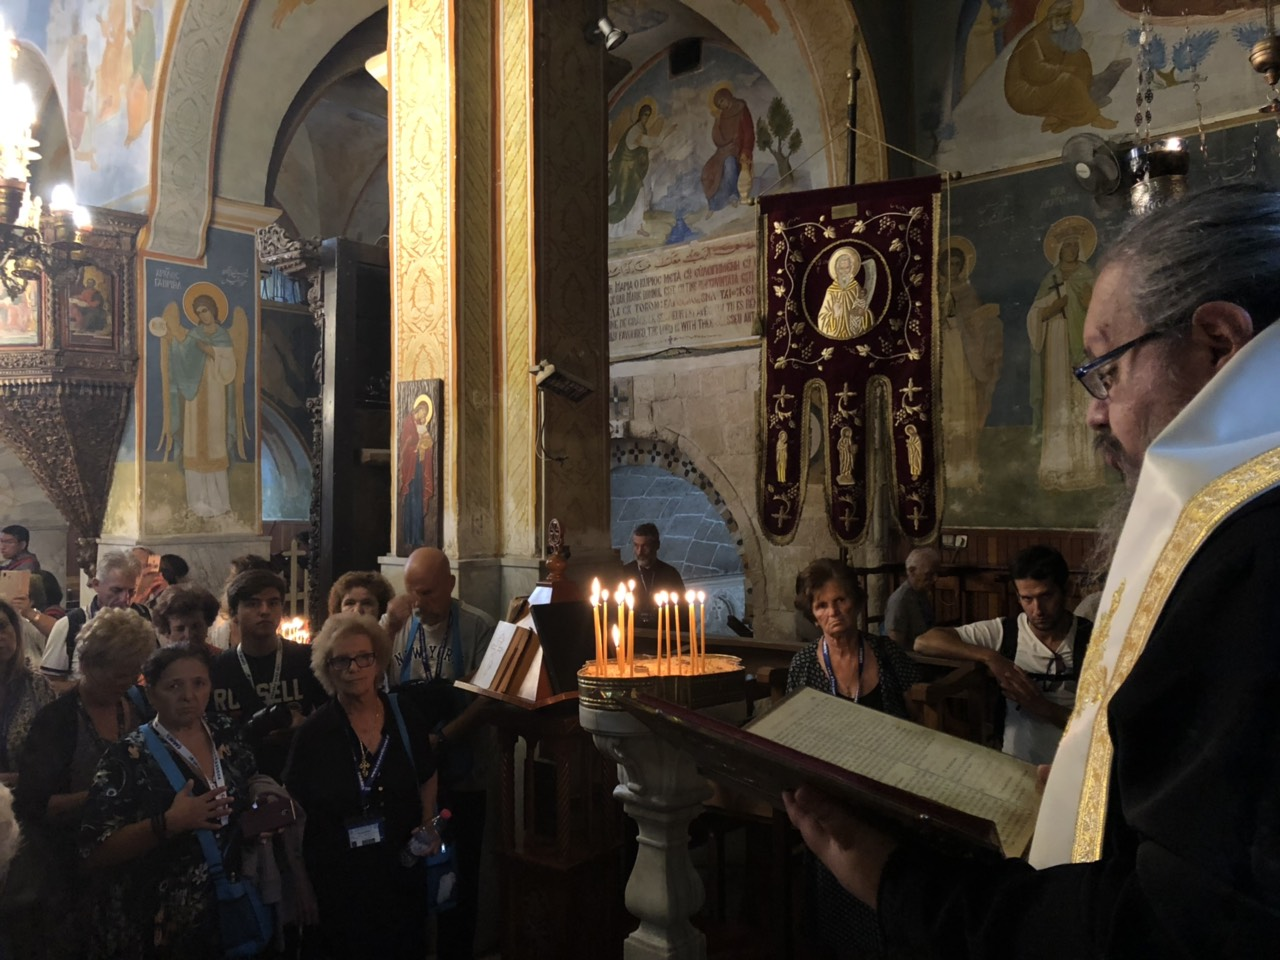 ierosolyma day2 1 - Στη Γαλιλαία Των Εθνών…